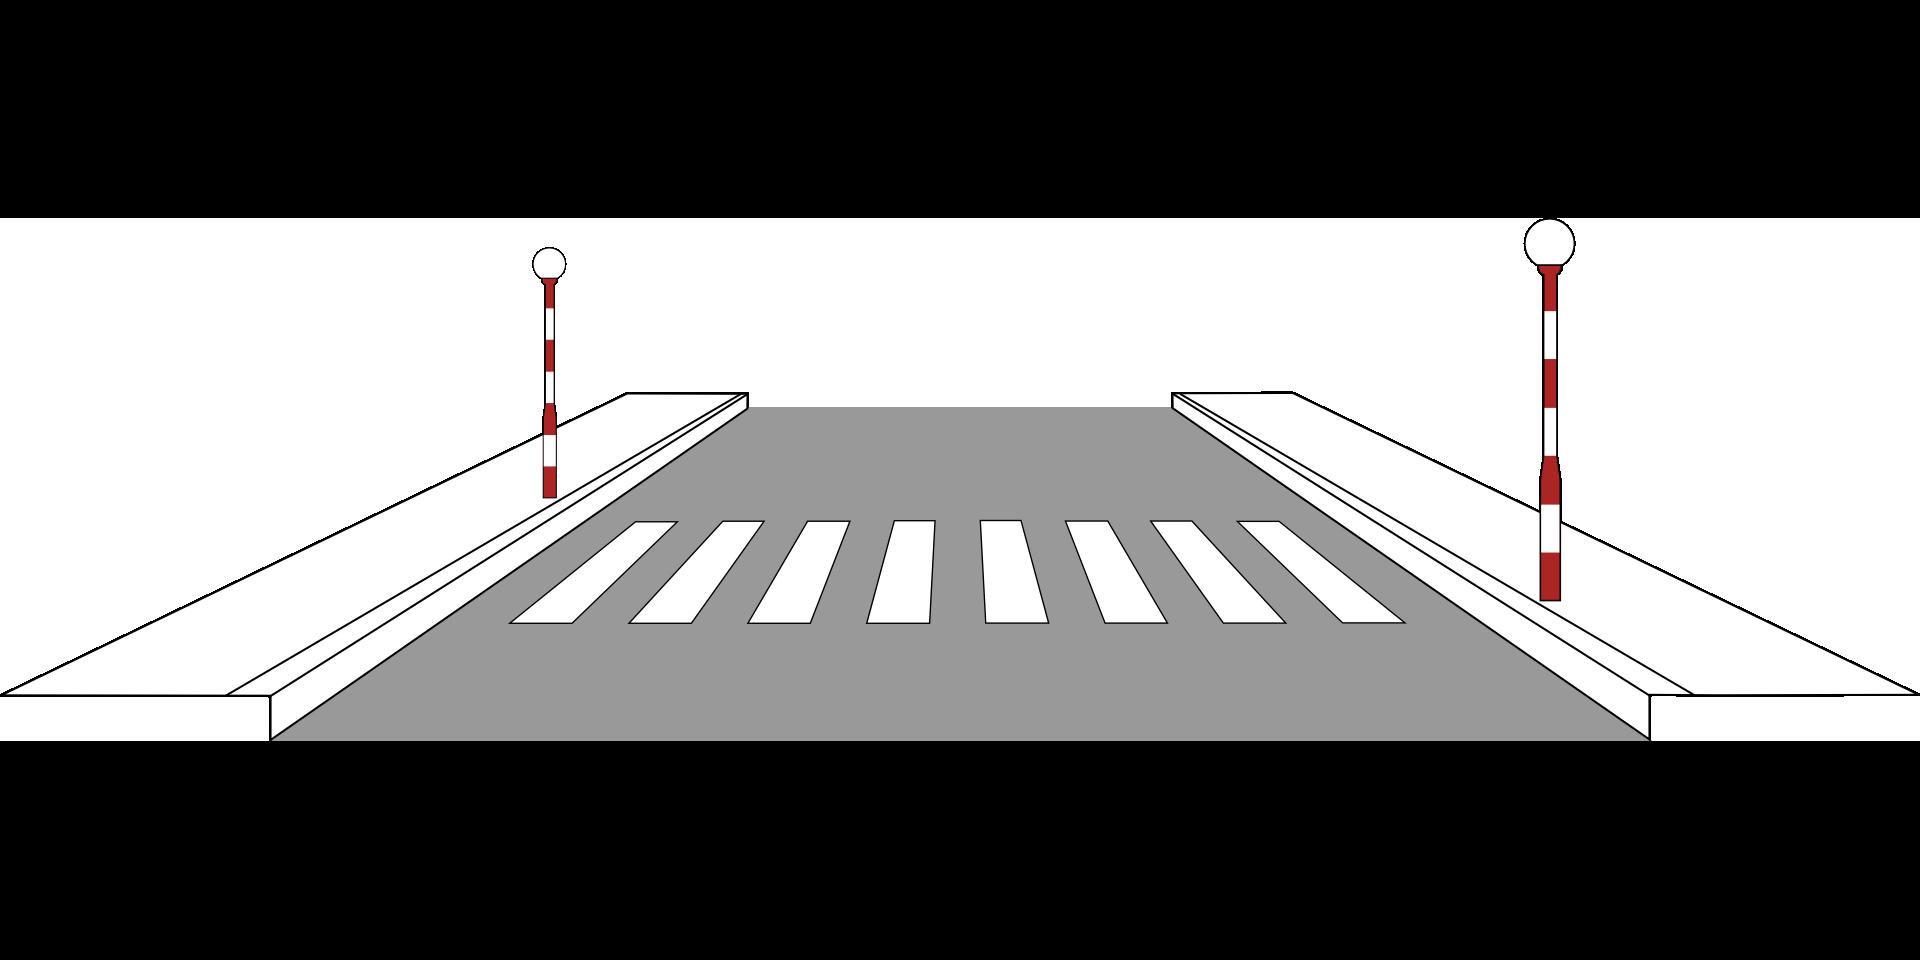 пешеходный переход красный свет  № 1504894 бесплатно